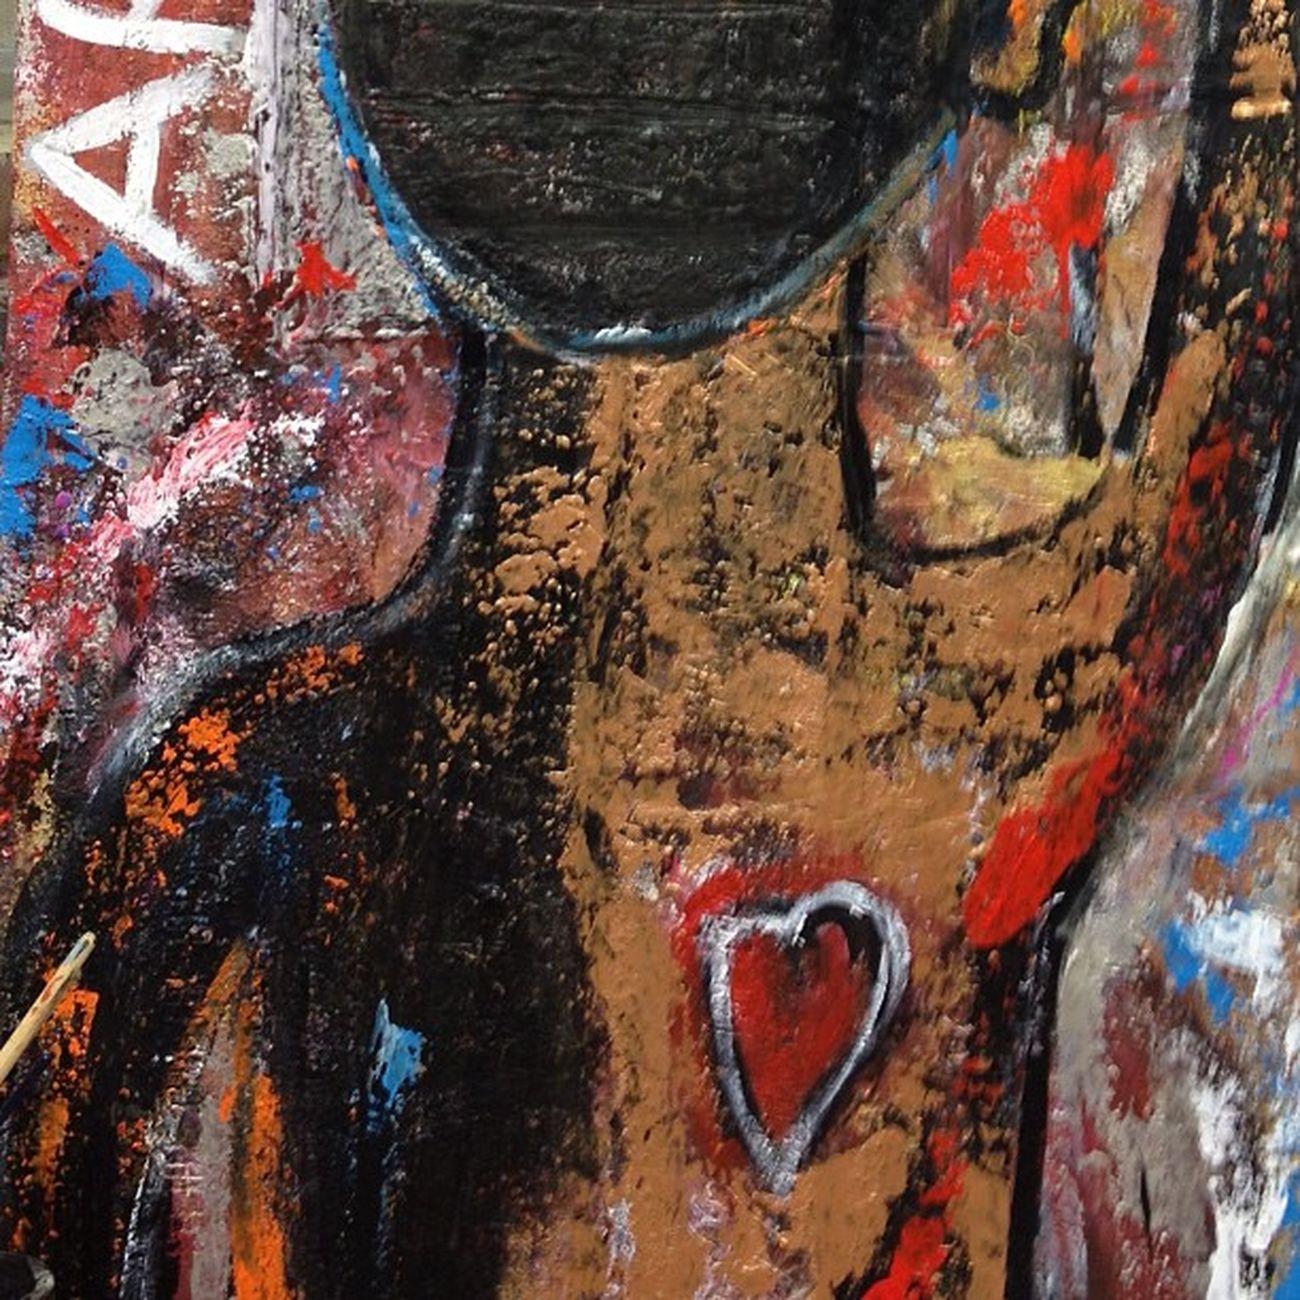 Sin concluir figura 1/5 Art Arte Negua Figura